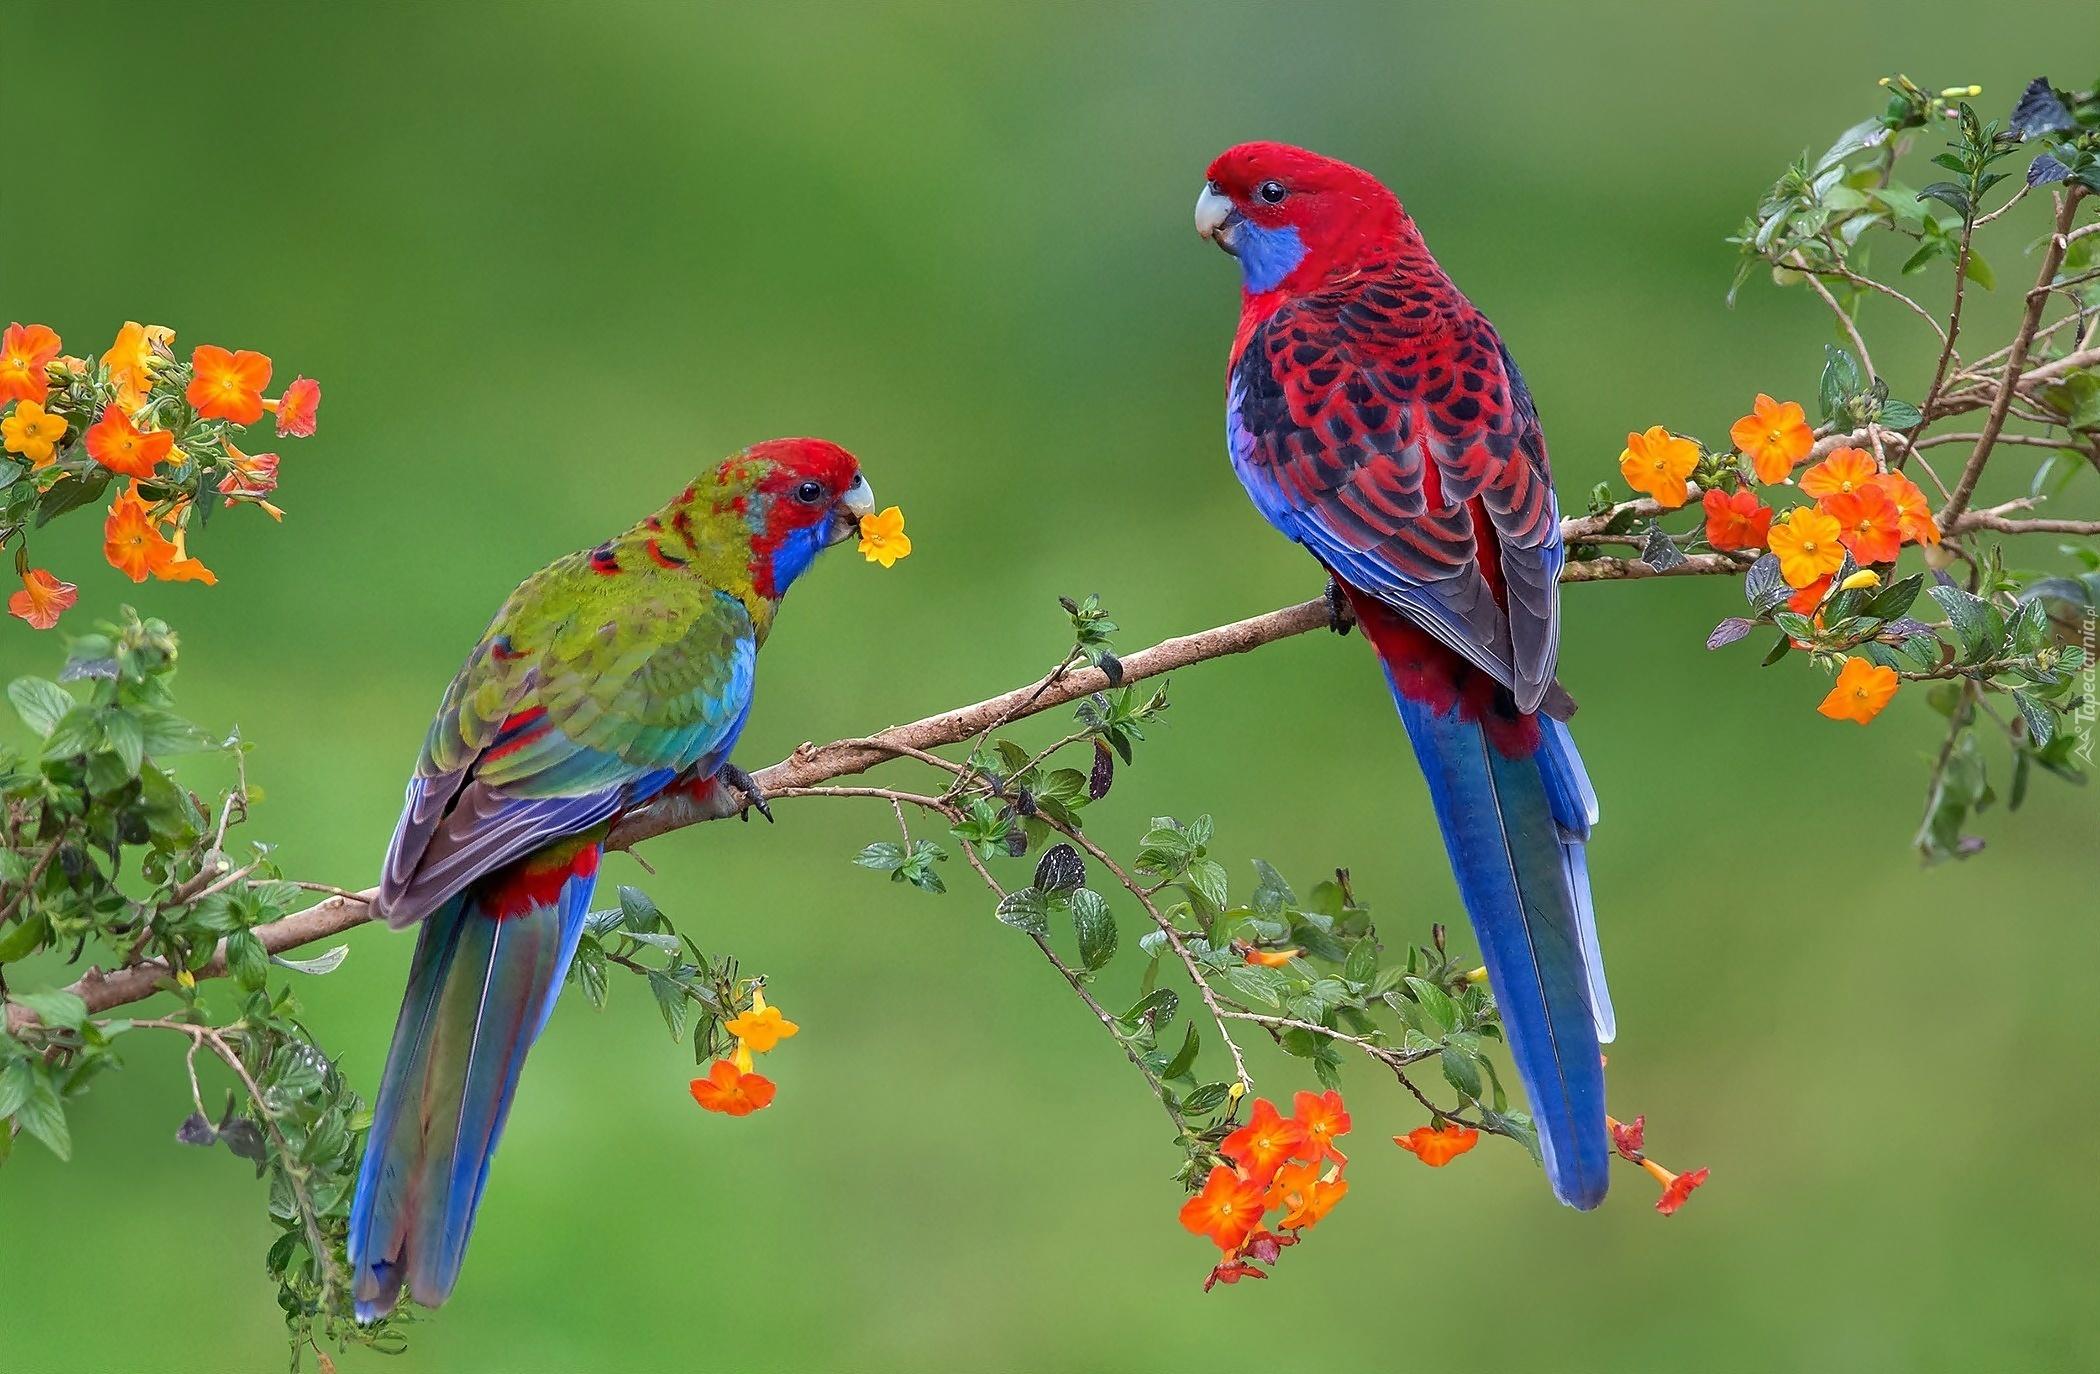 попугай на ветке без смс